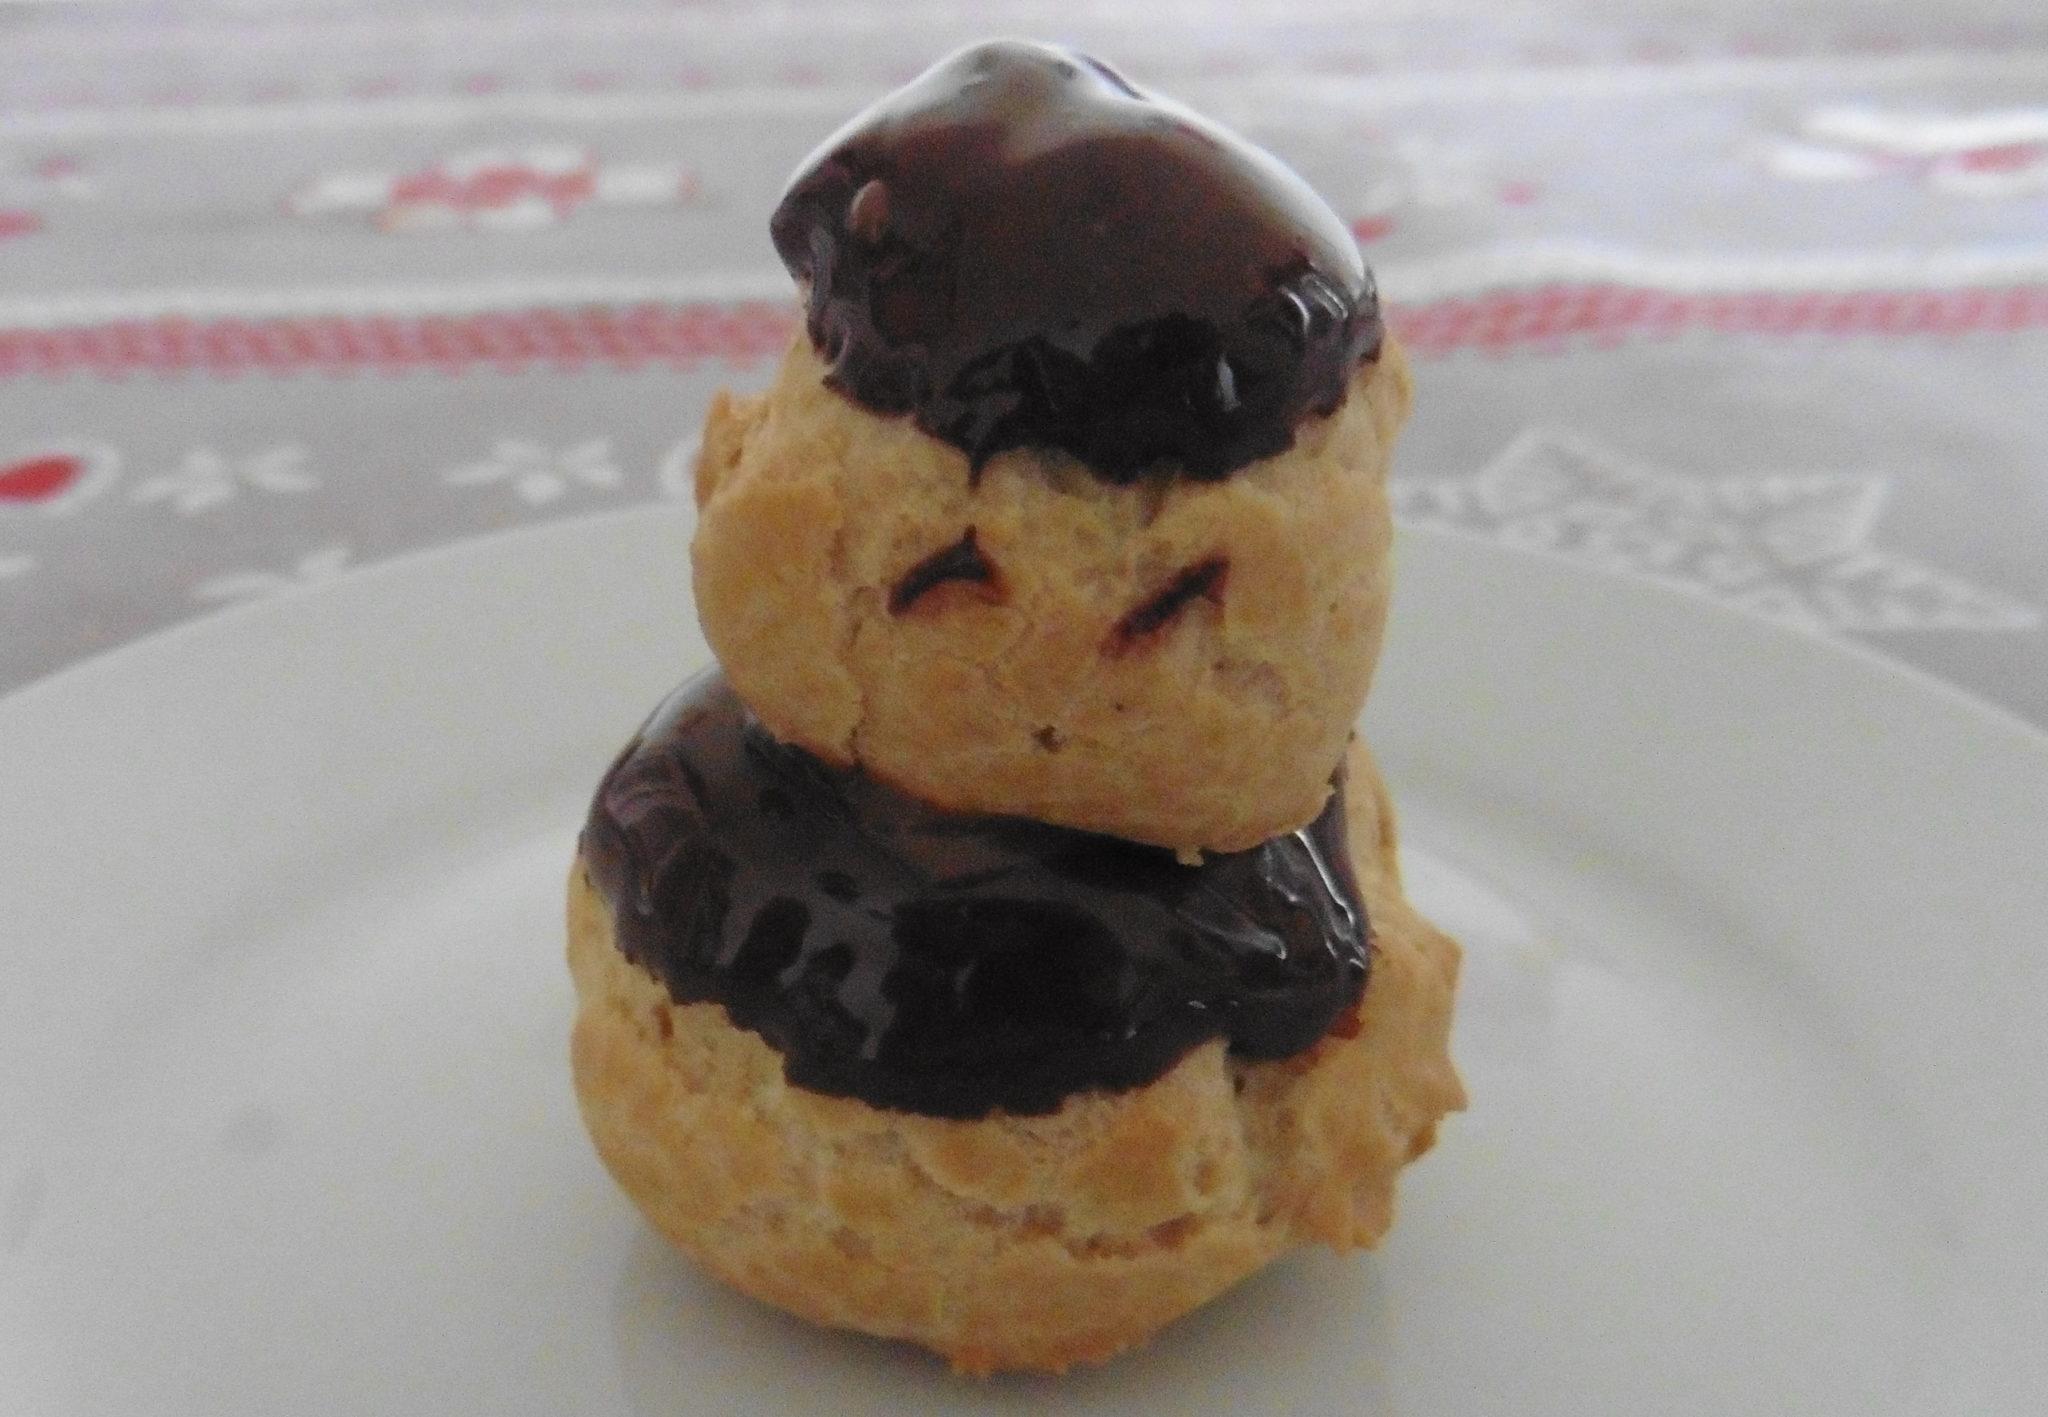 Comment faire des choux bien gonflés sans Gluten, recette des choux à la crème chocolat pauvre en FODMAP, sans Gluten et sans Lactose